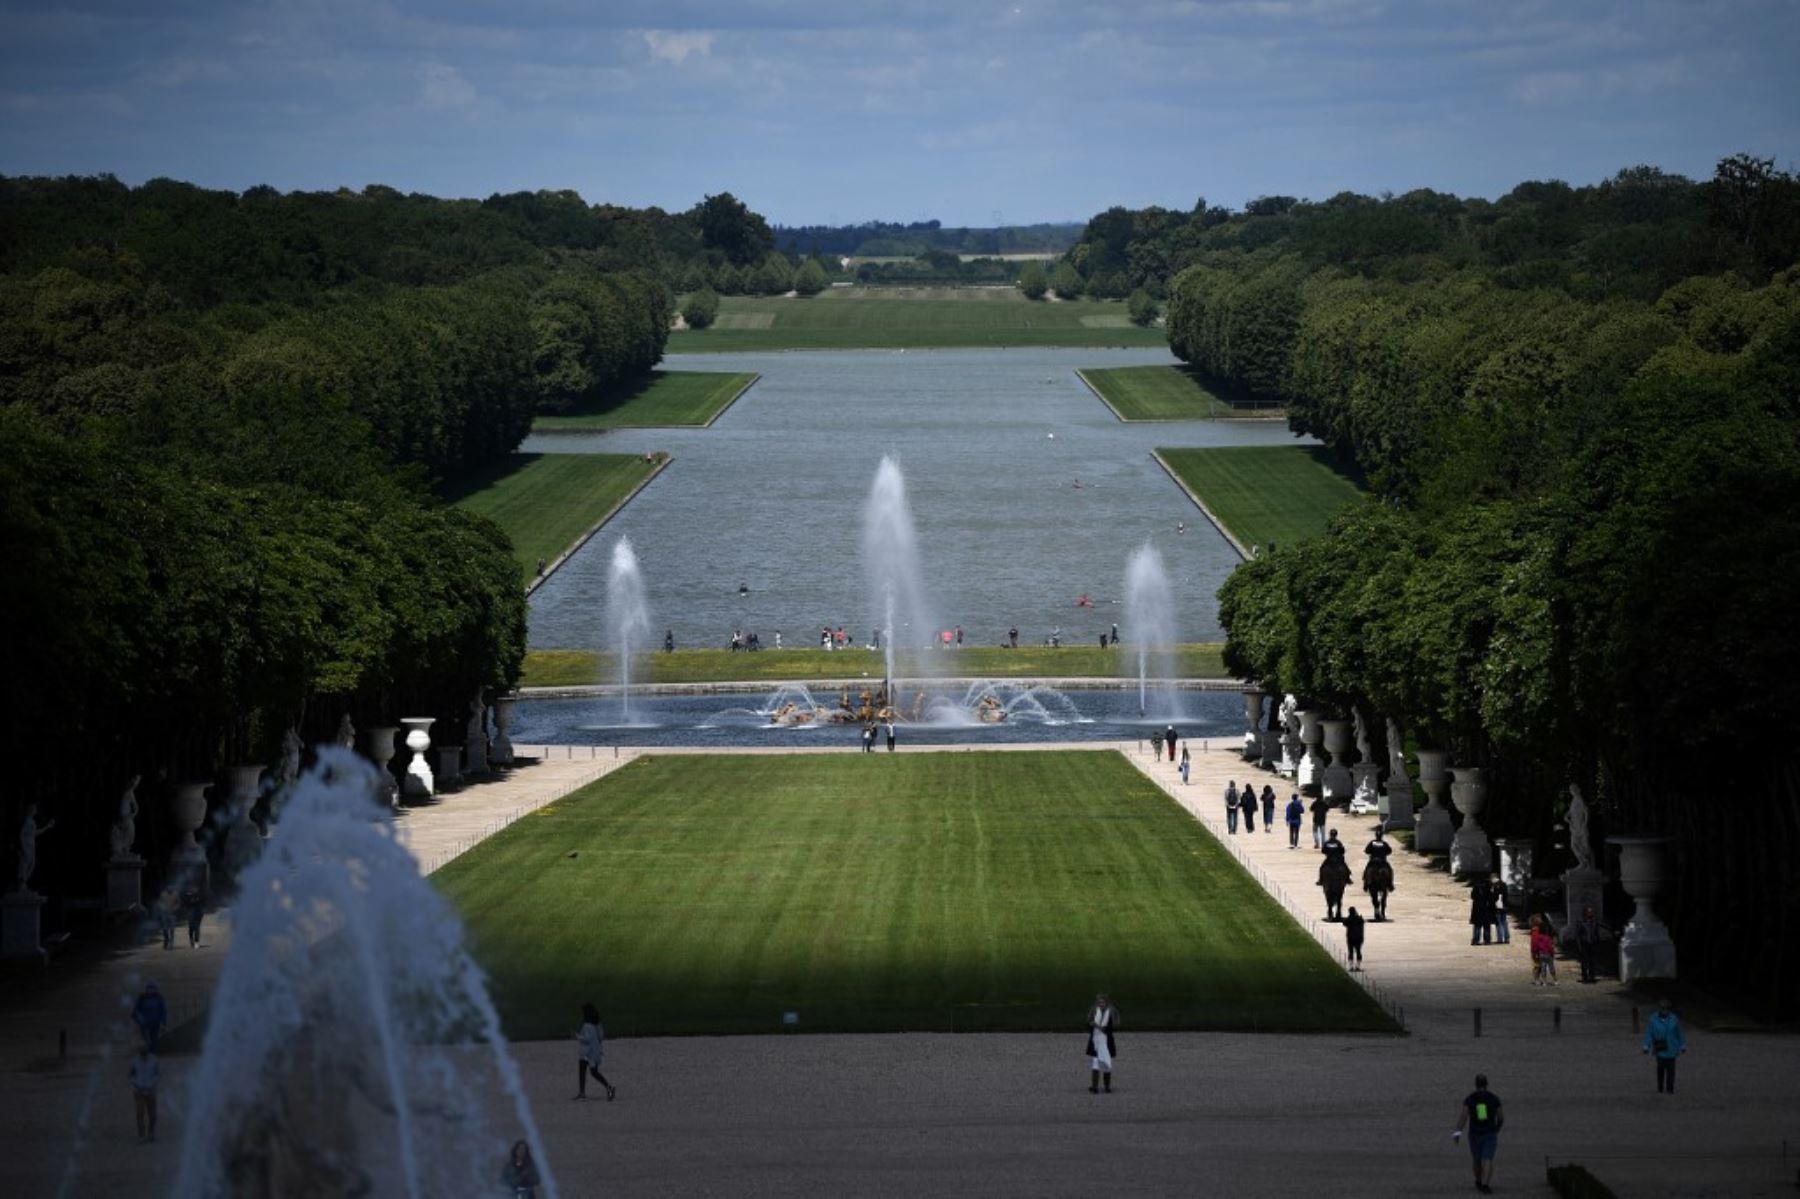 Un buen grupo de personas transita en el parque del histórico Palacio de Versalles, cerca de París, Francia. Foto: AFP